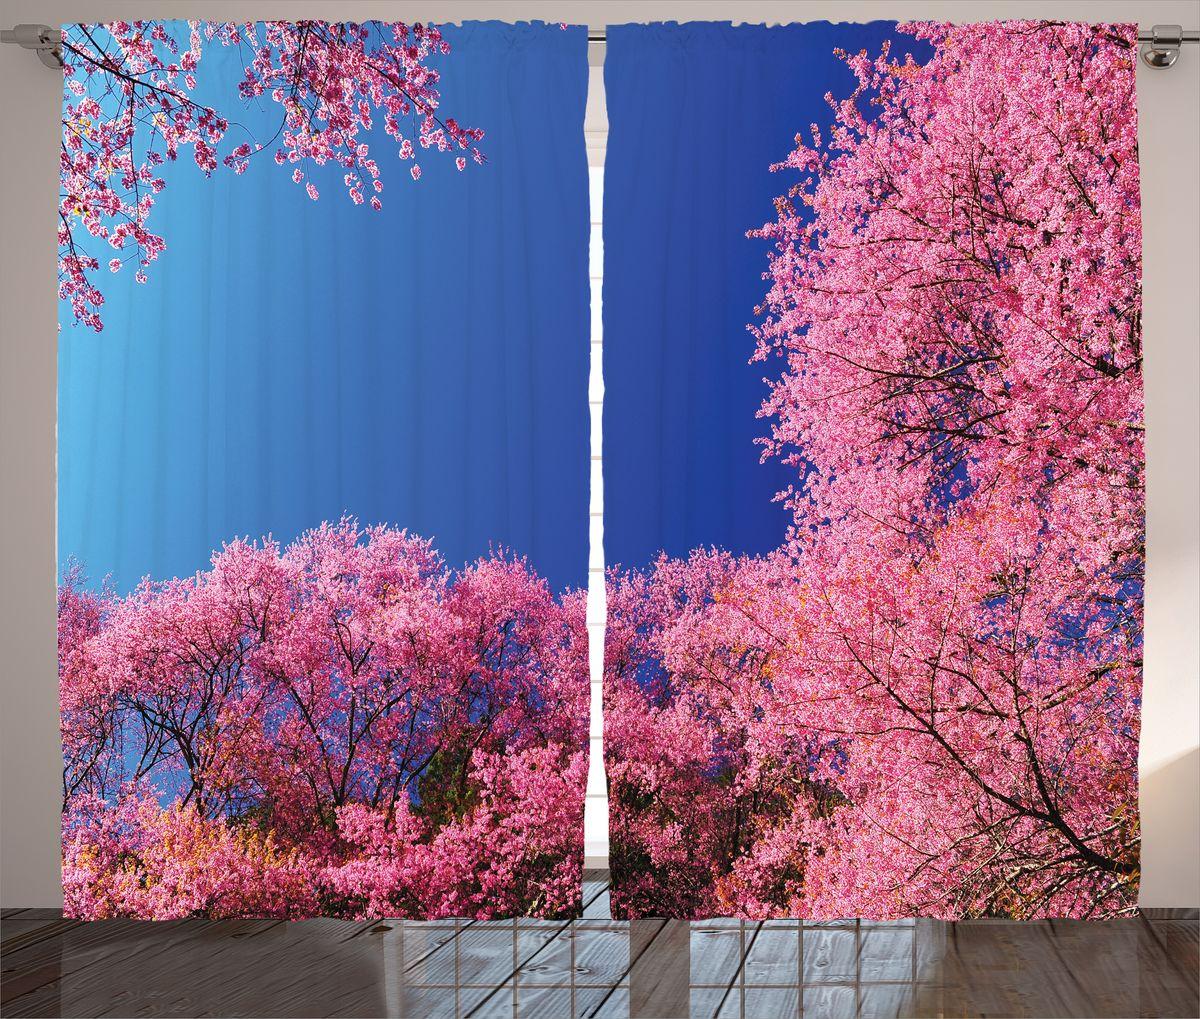 Комплект фотоштор Magic Lady Розовый сад, на ленте, высота 265 см. шсг_17424шсг_17424Роскошный комплект фотоштор Magic Lady Розовый сад, выполненный из высококачественного сатена (полиэстер 100%), великолепно украсит любое окно. При изготовлении используются специальные гипоаллергенные чернила. Комплект состоит из двух фотоштор и декорирован изящным рисунком. Оригинальный дизайн и цветовая гамма привлекут к себе внимание и органично впишутся в интерьер комнаты. Крепление на карниз при помощи шторной ленты на крючки.